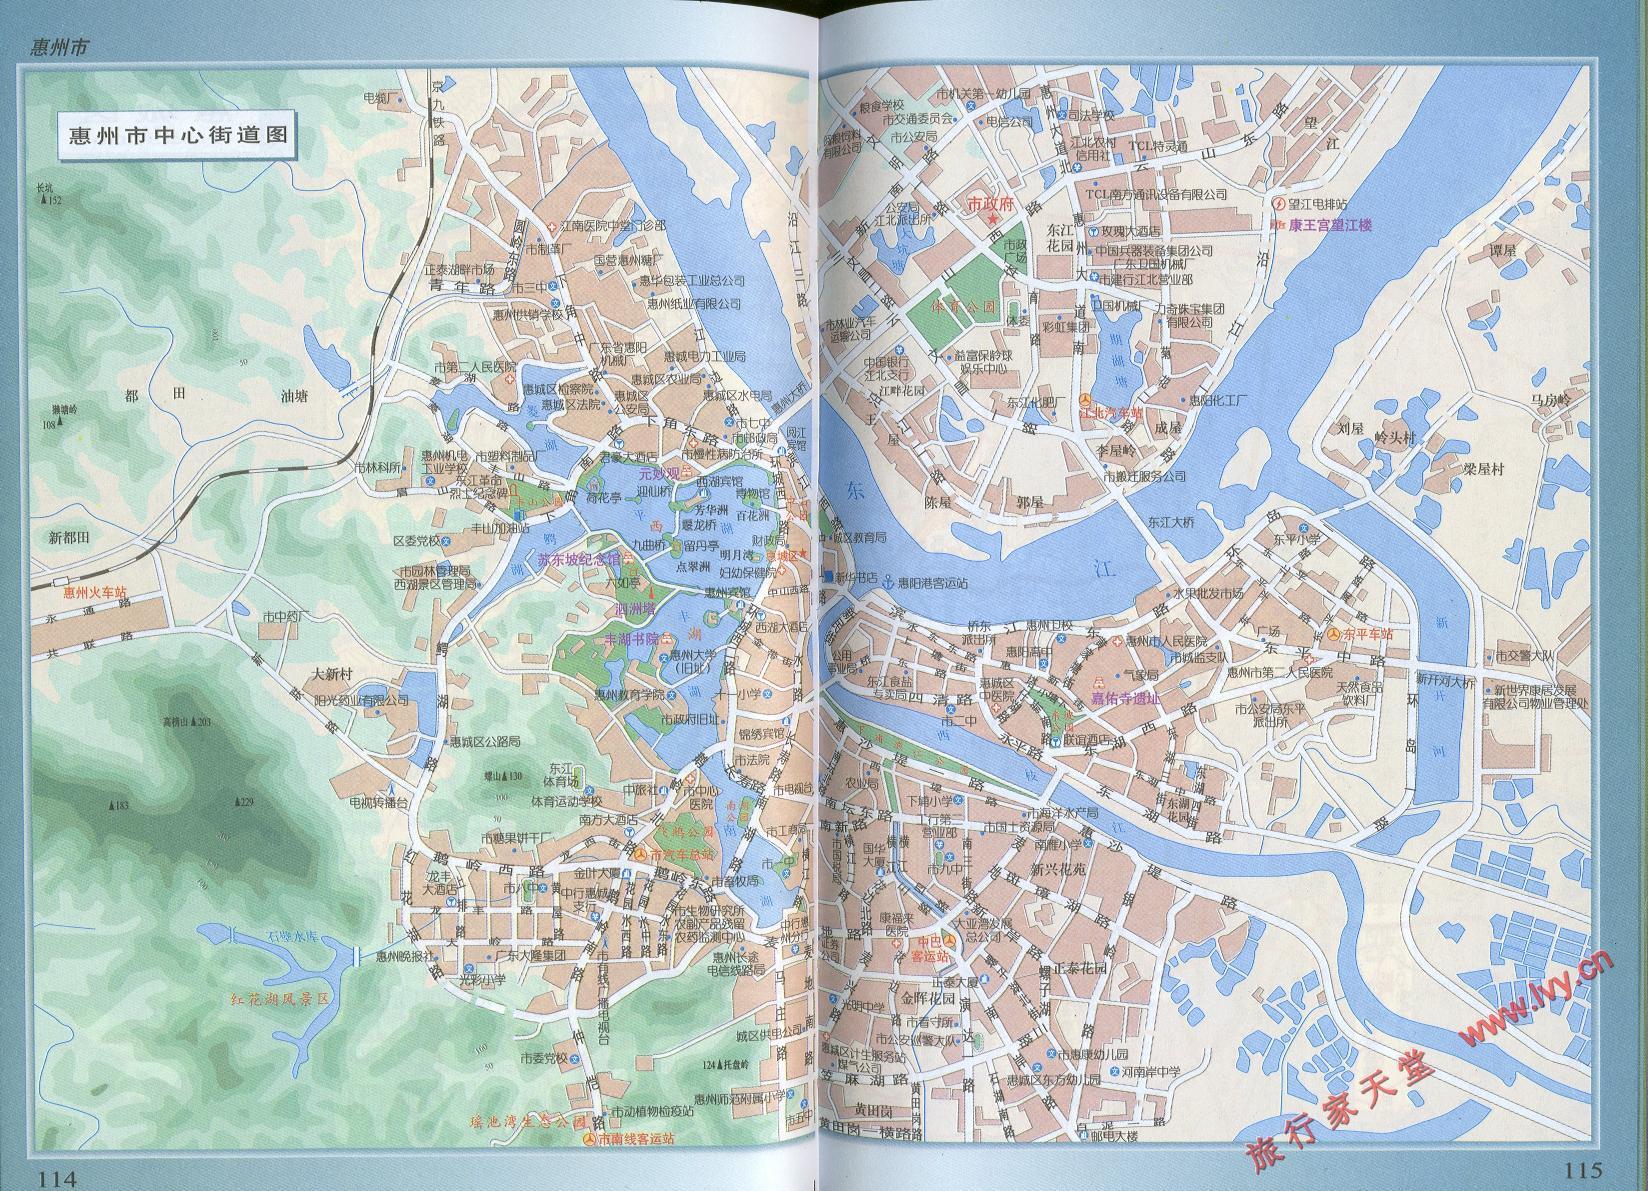 惠州市中心街道地图